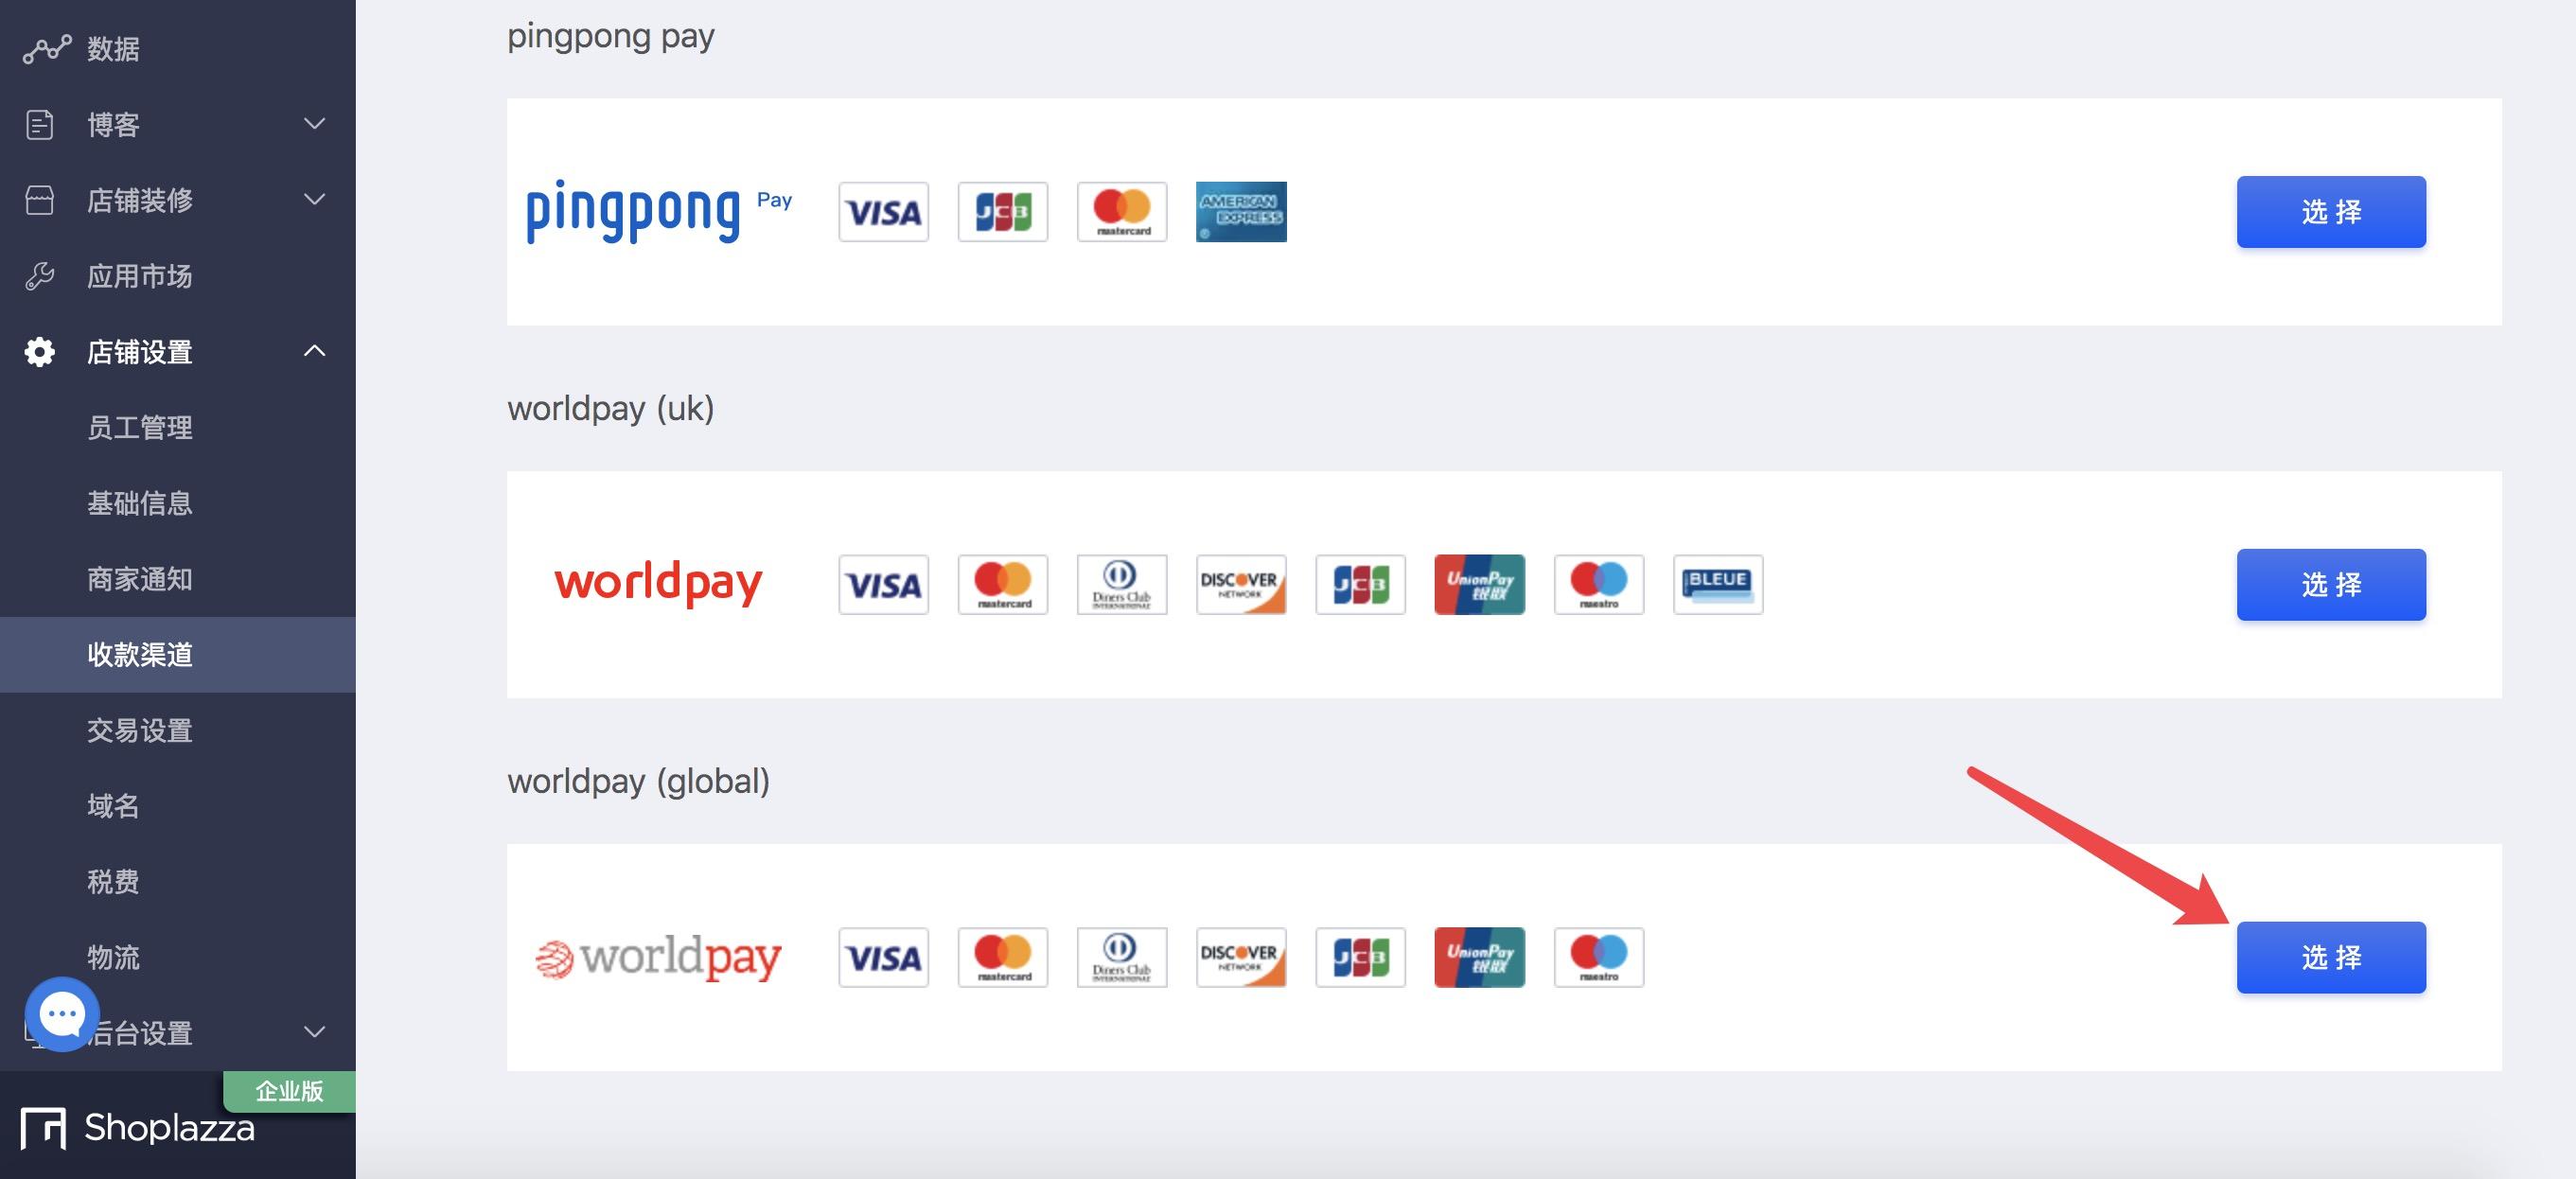 独立站店铺如何绑定worldpay (global)收款